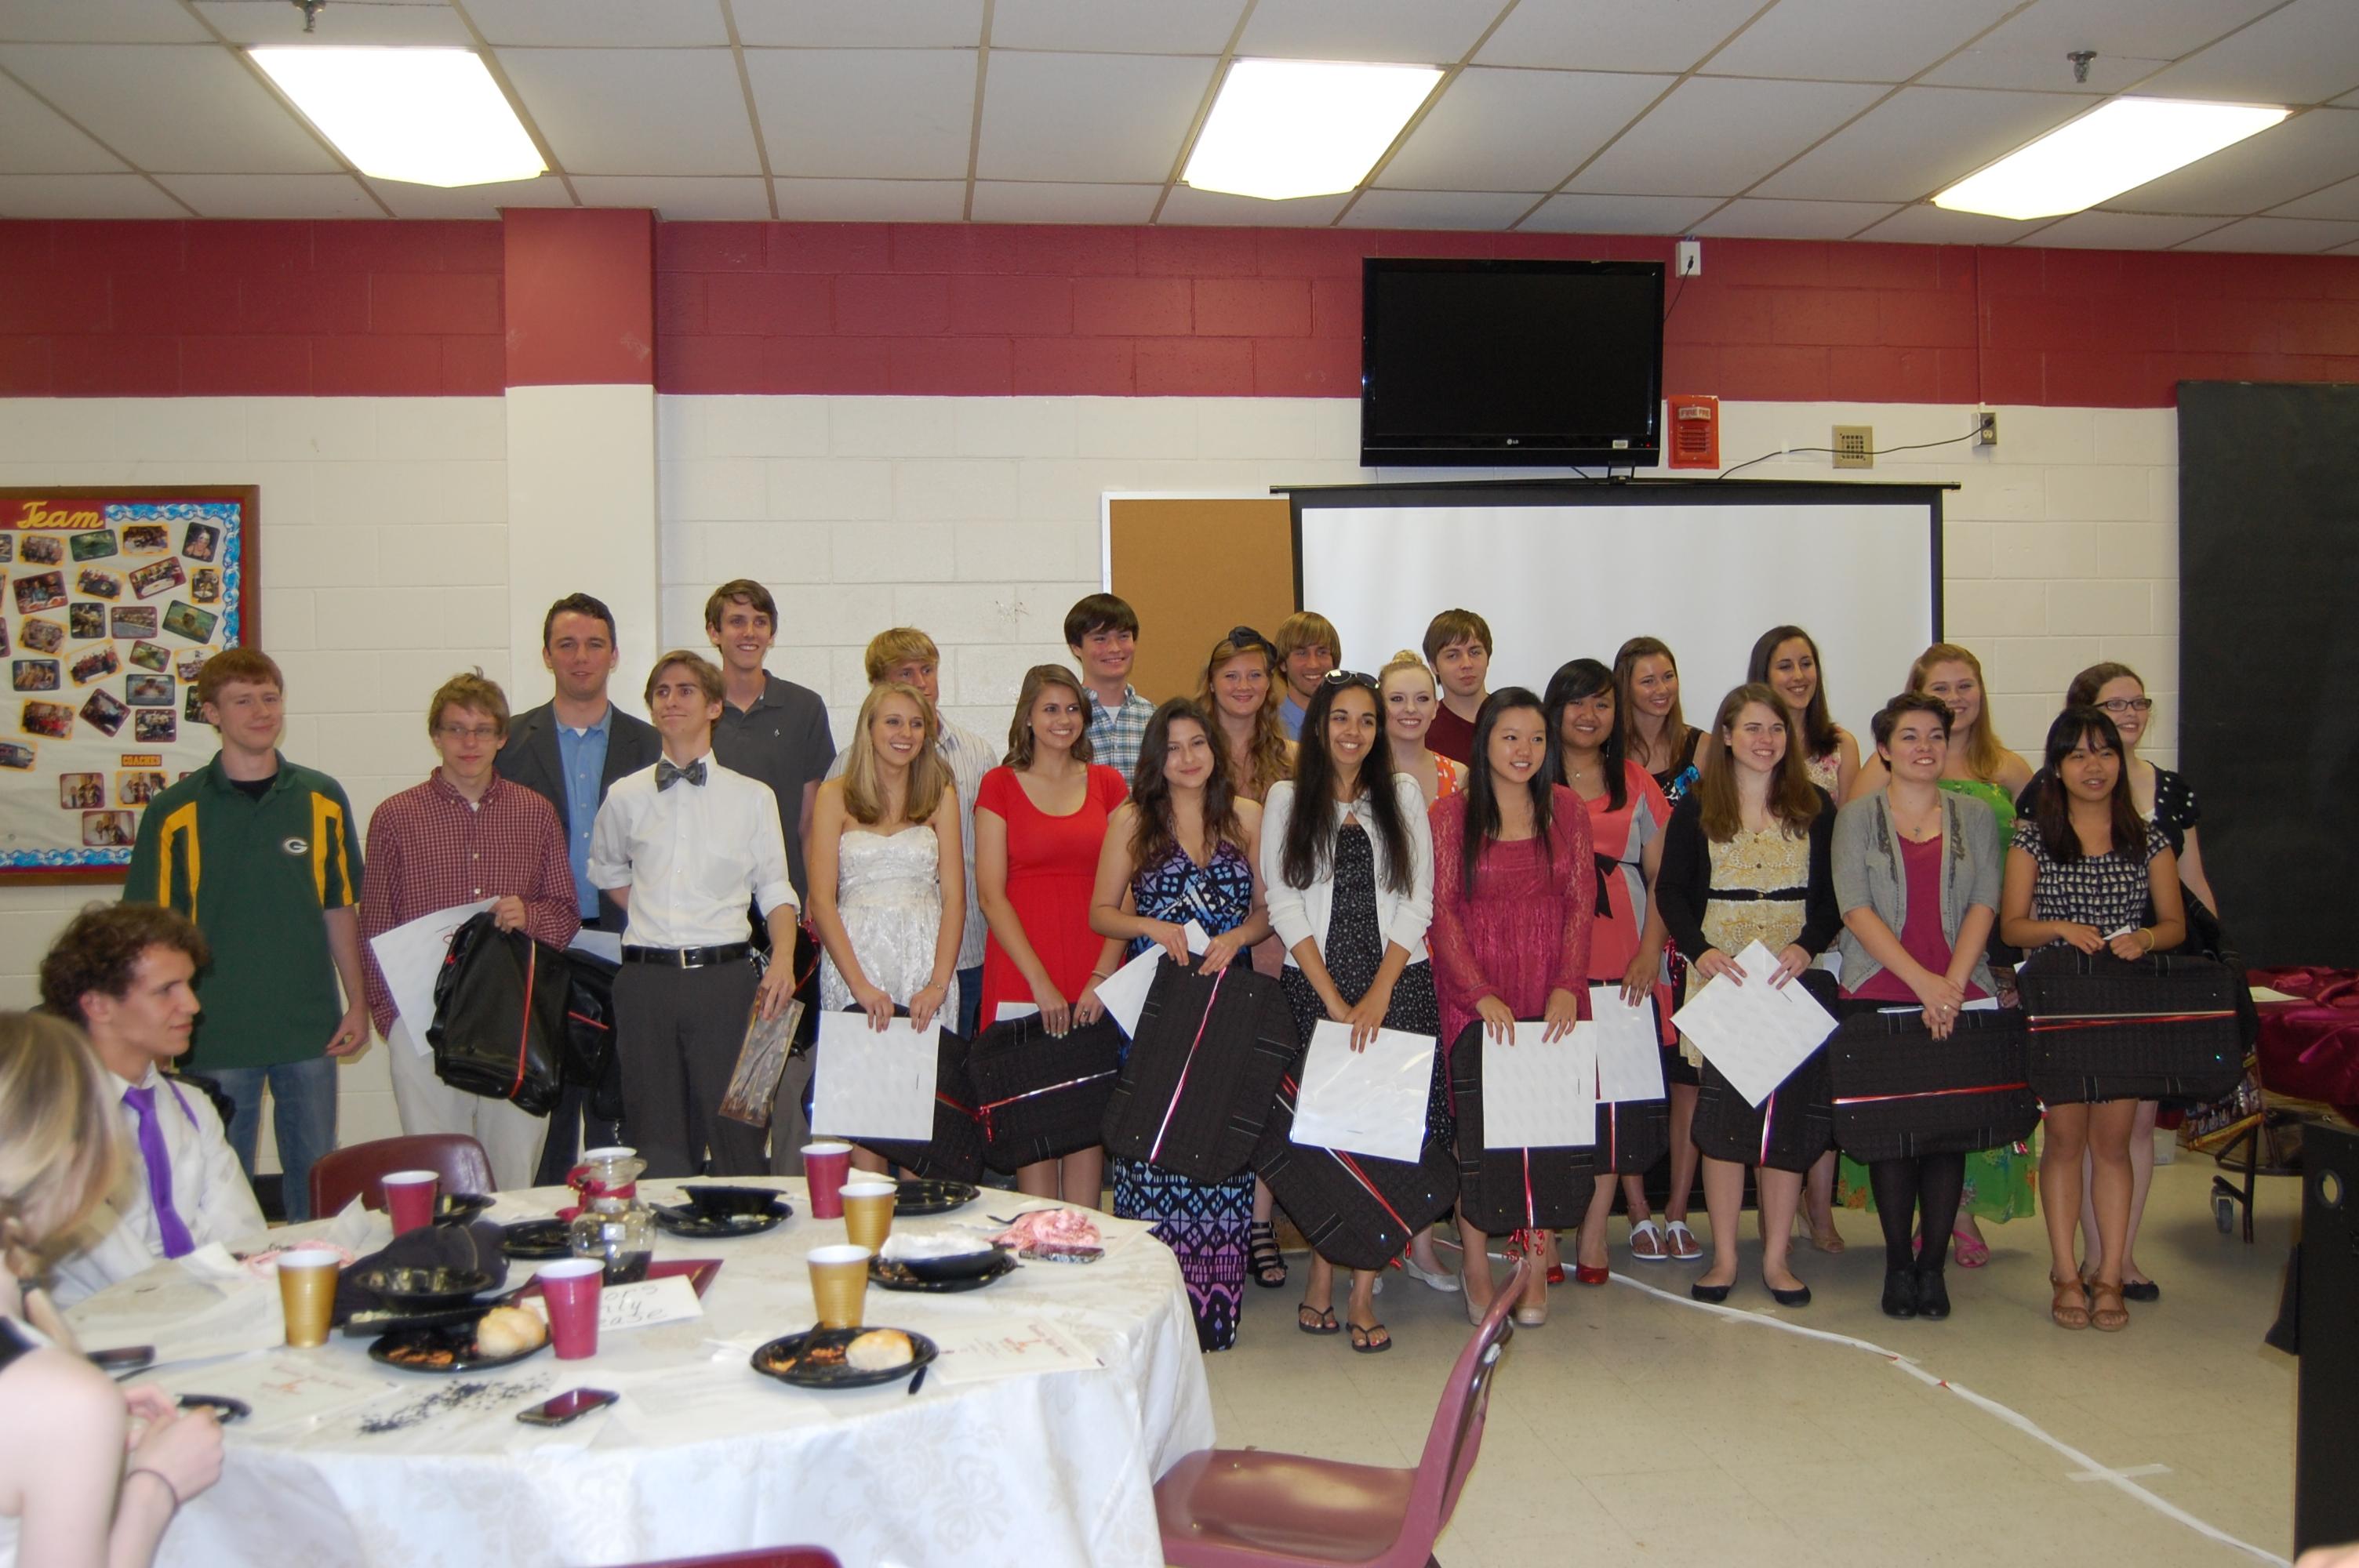 Seniors at Banquet